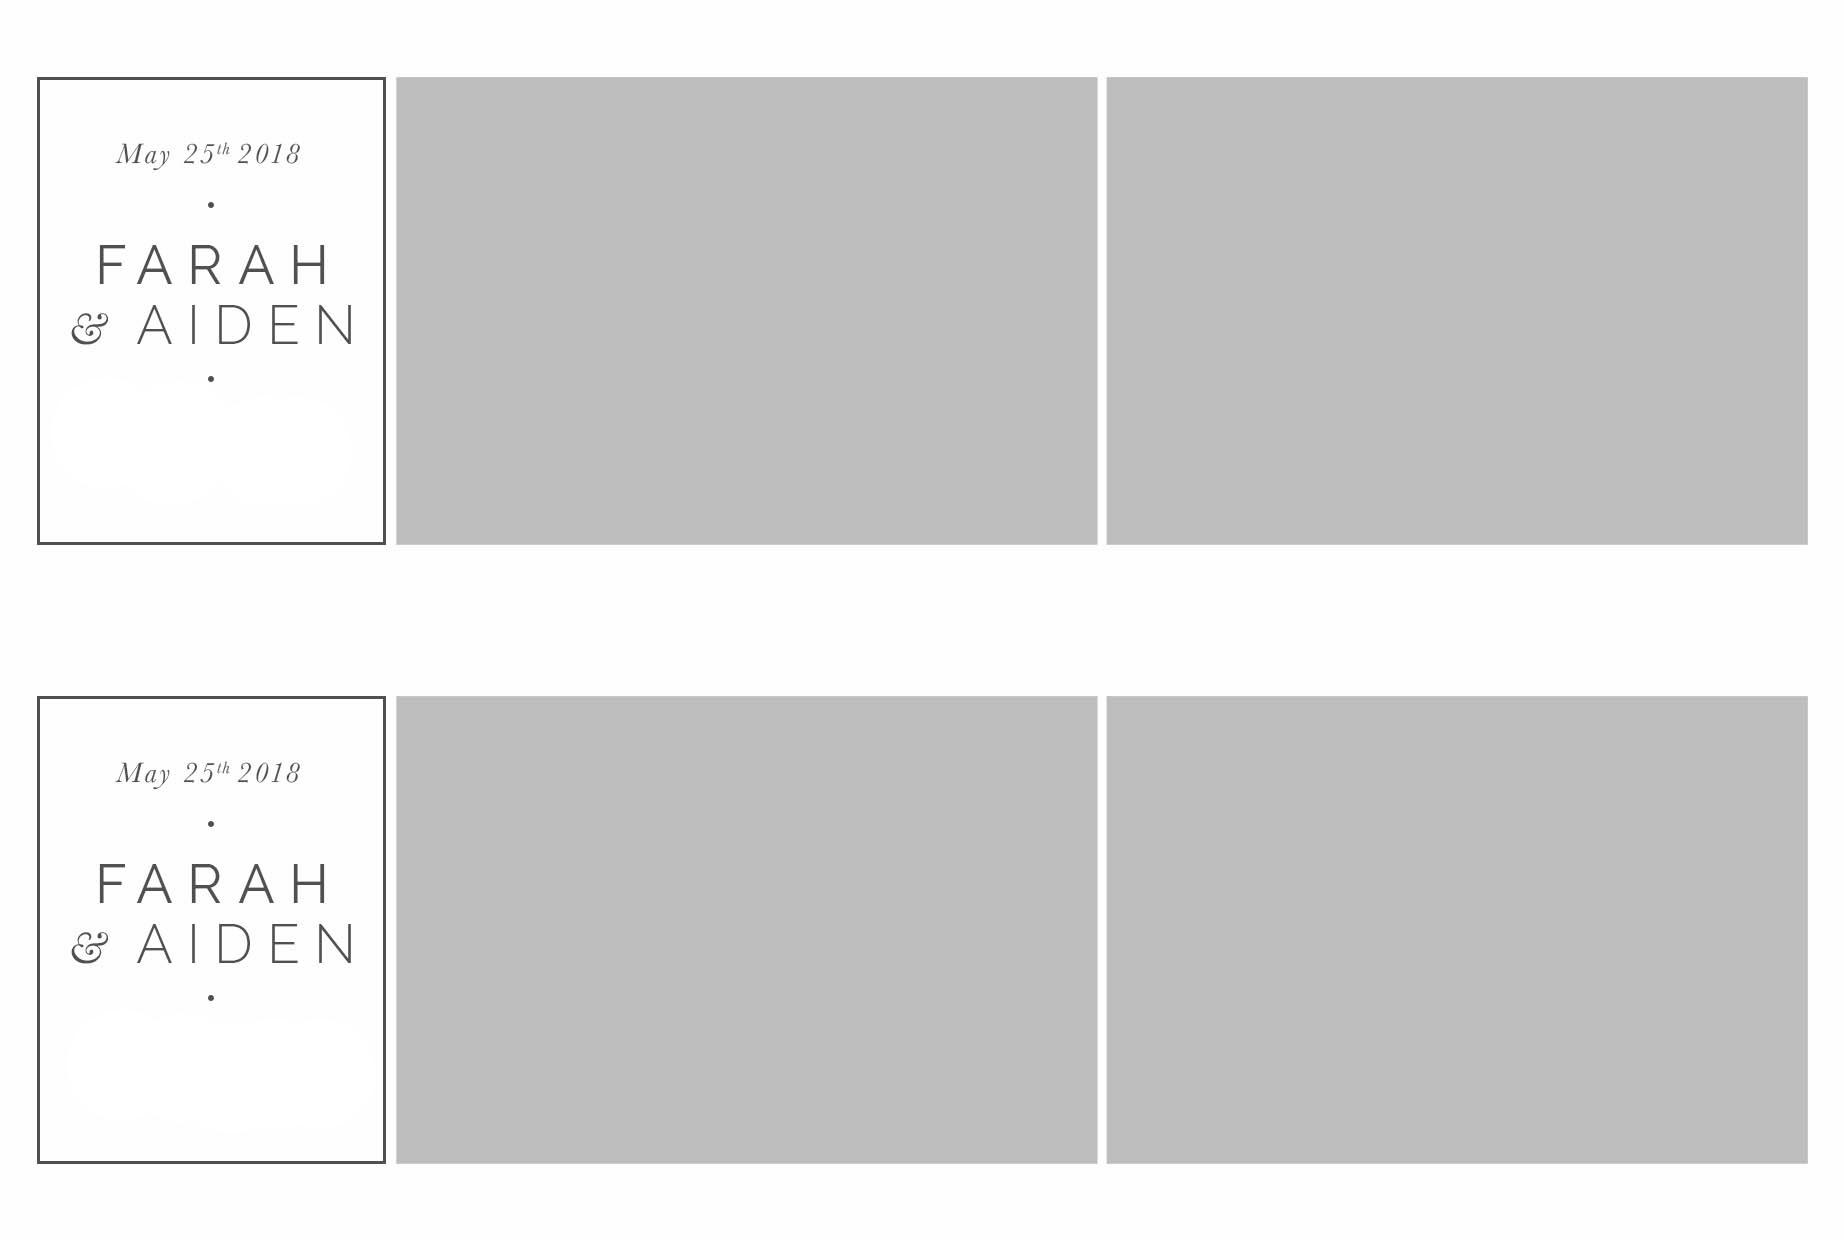 2 x 6  (2 photos)